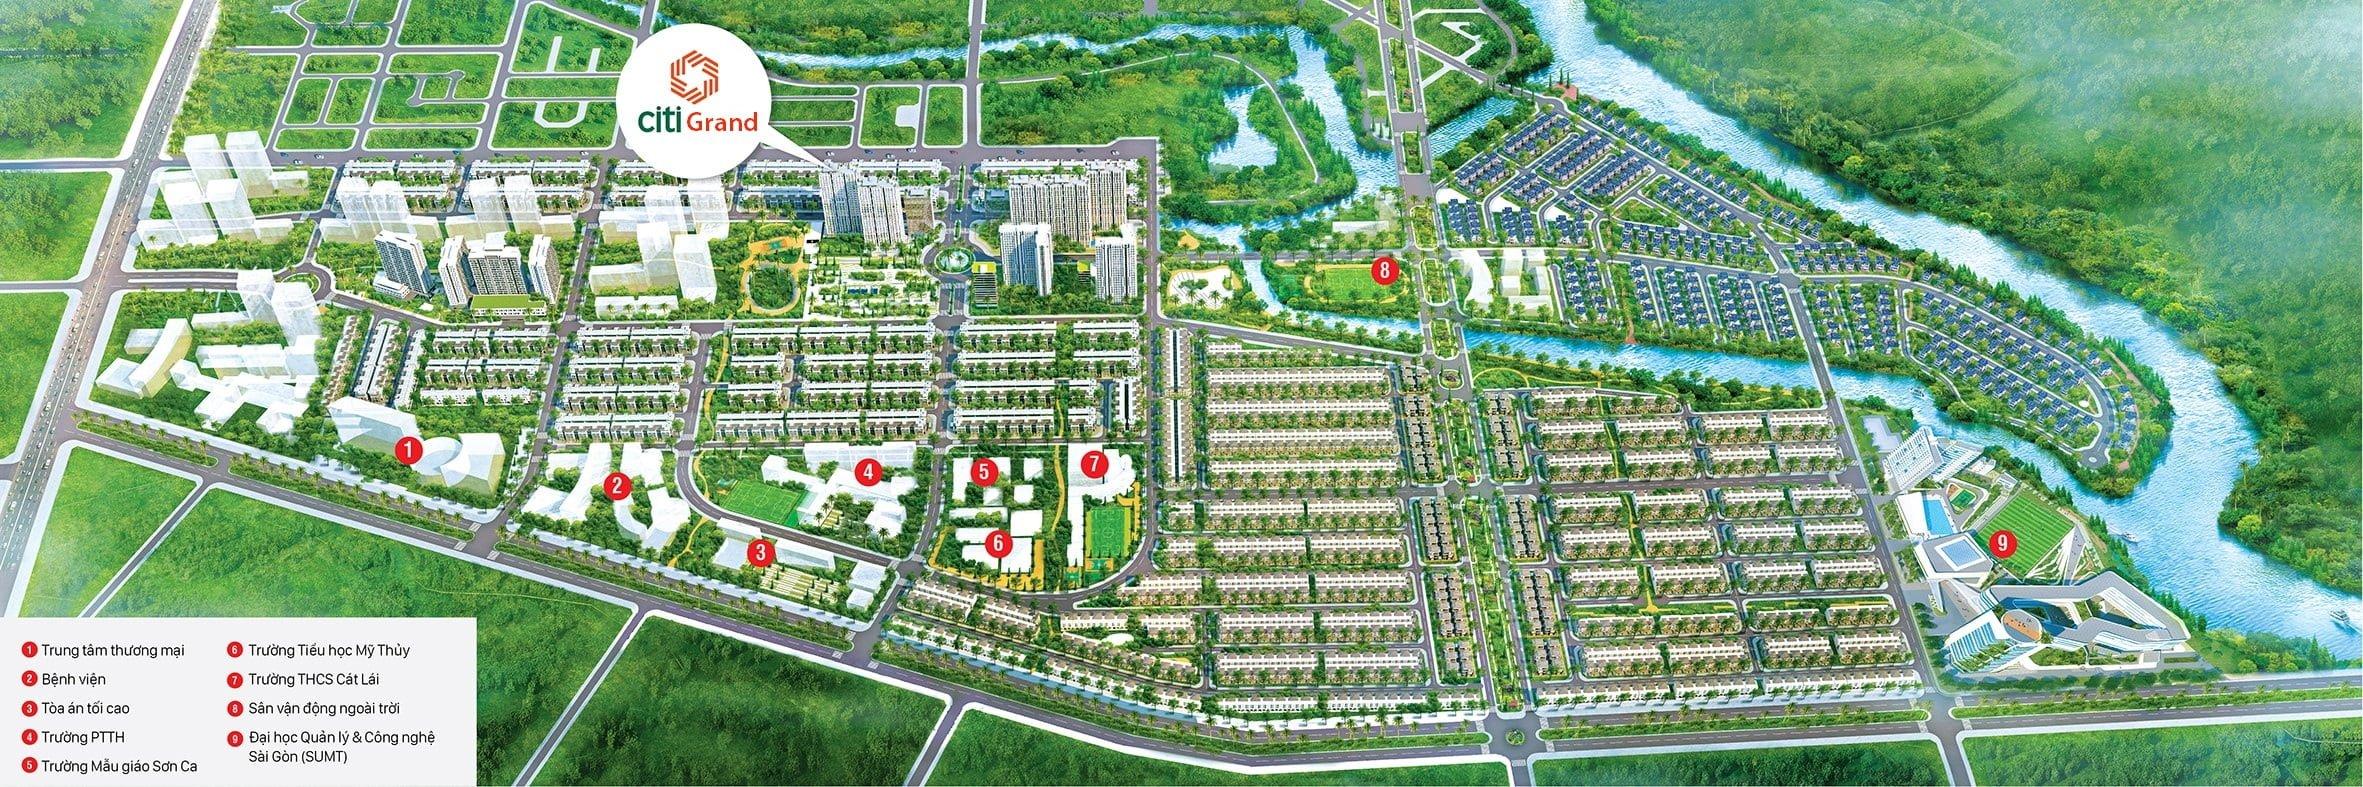 Tiện ích ngoại khu xung quanh căn hộ Citi Grand Cát Lái Quận 2